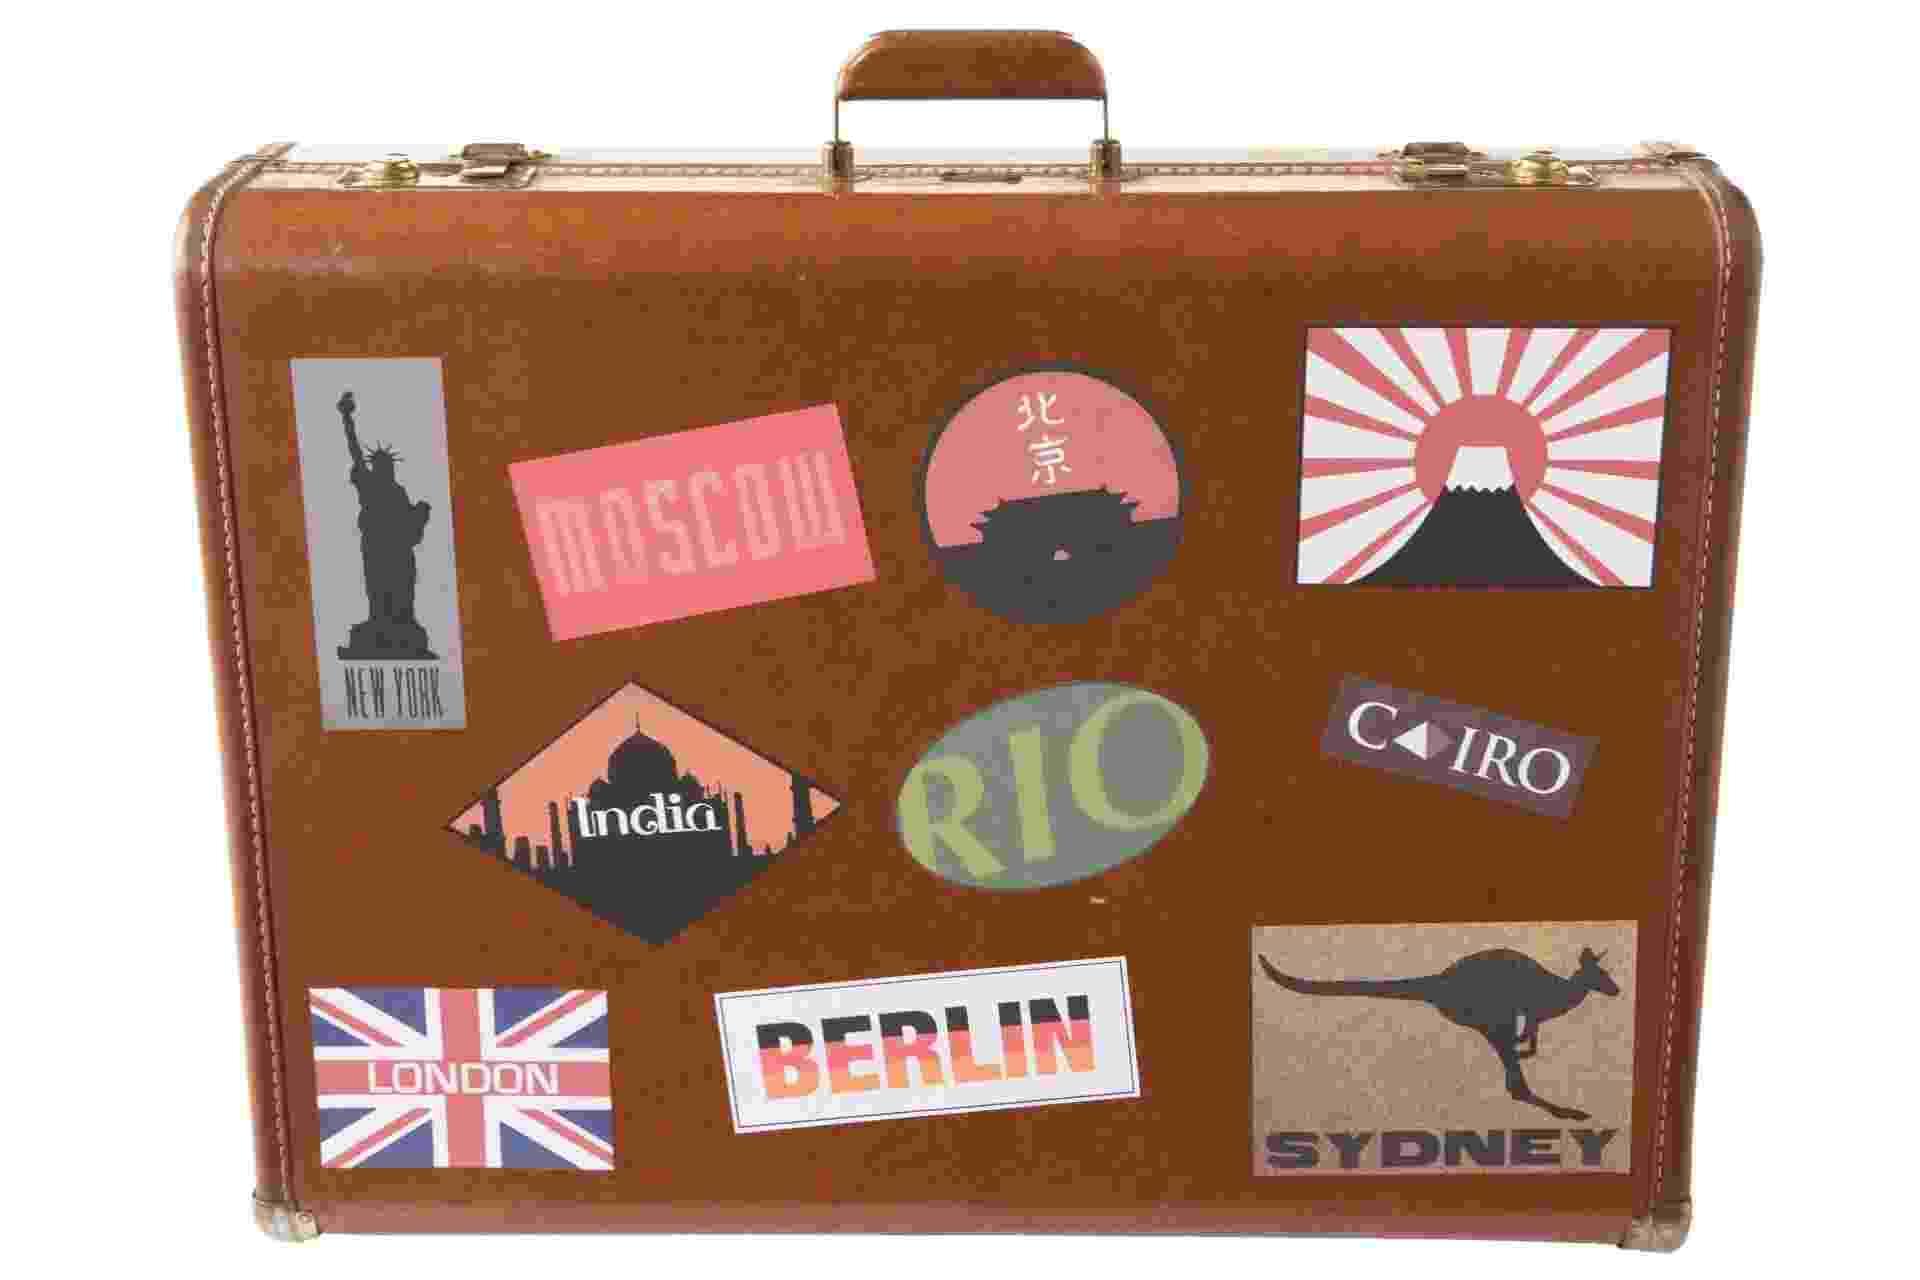 Saber exatamente o que levar na mala de viagem - Getty Images